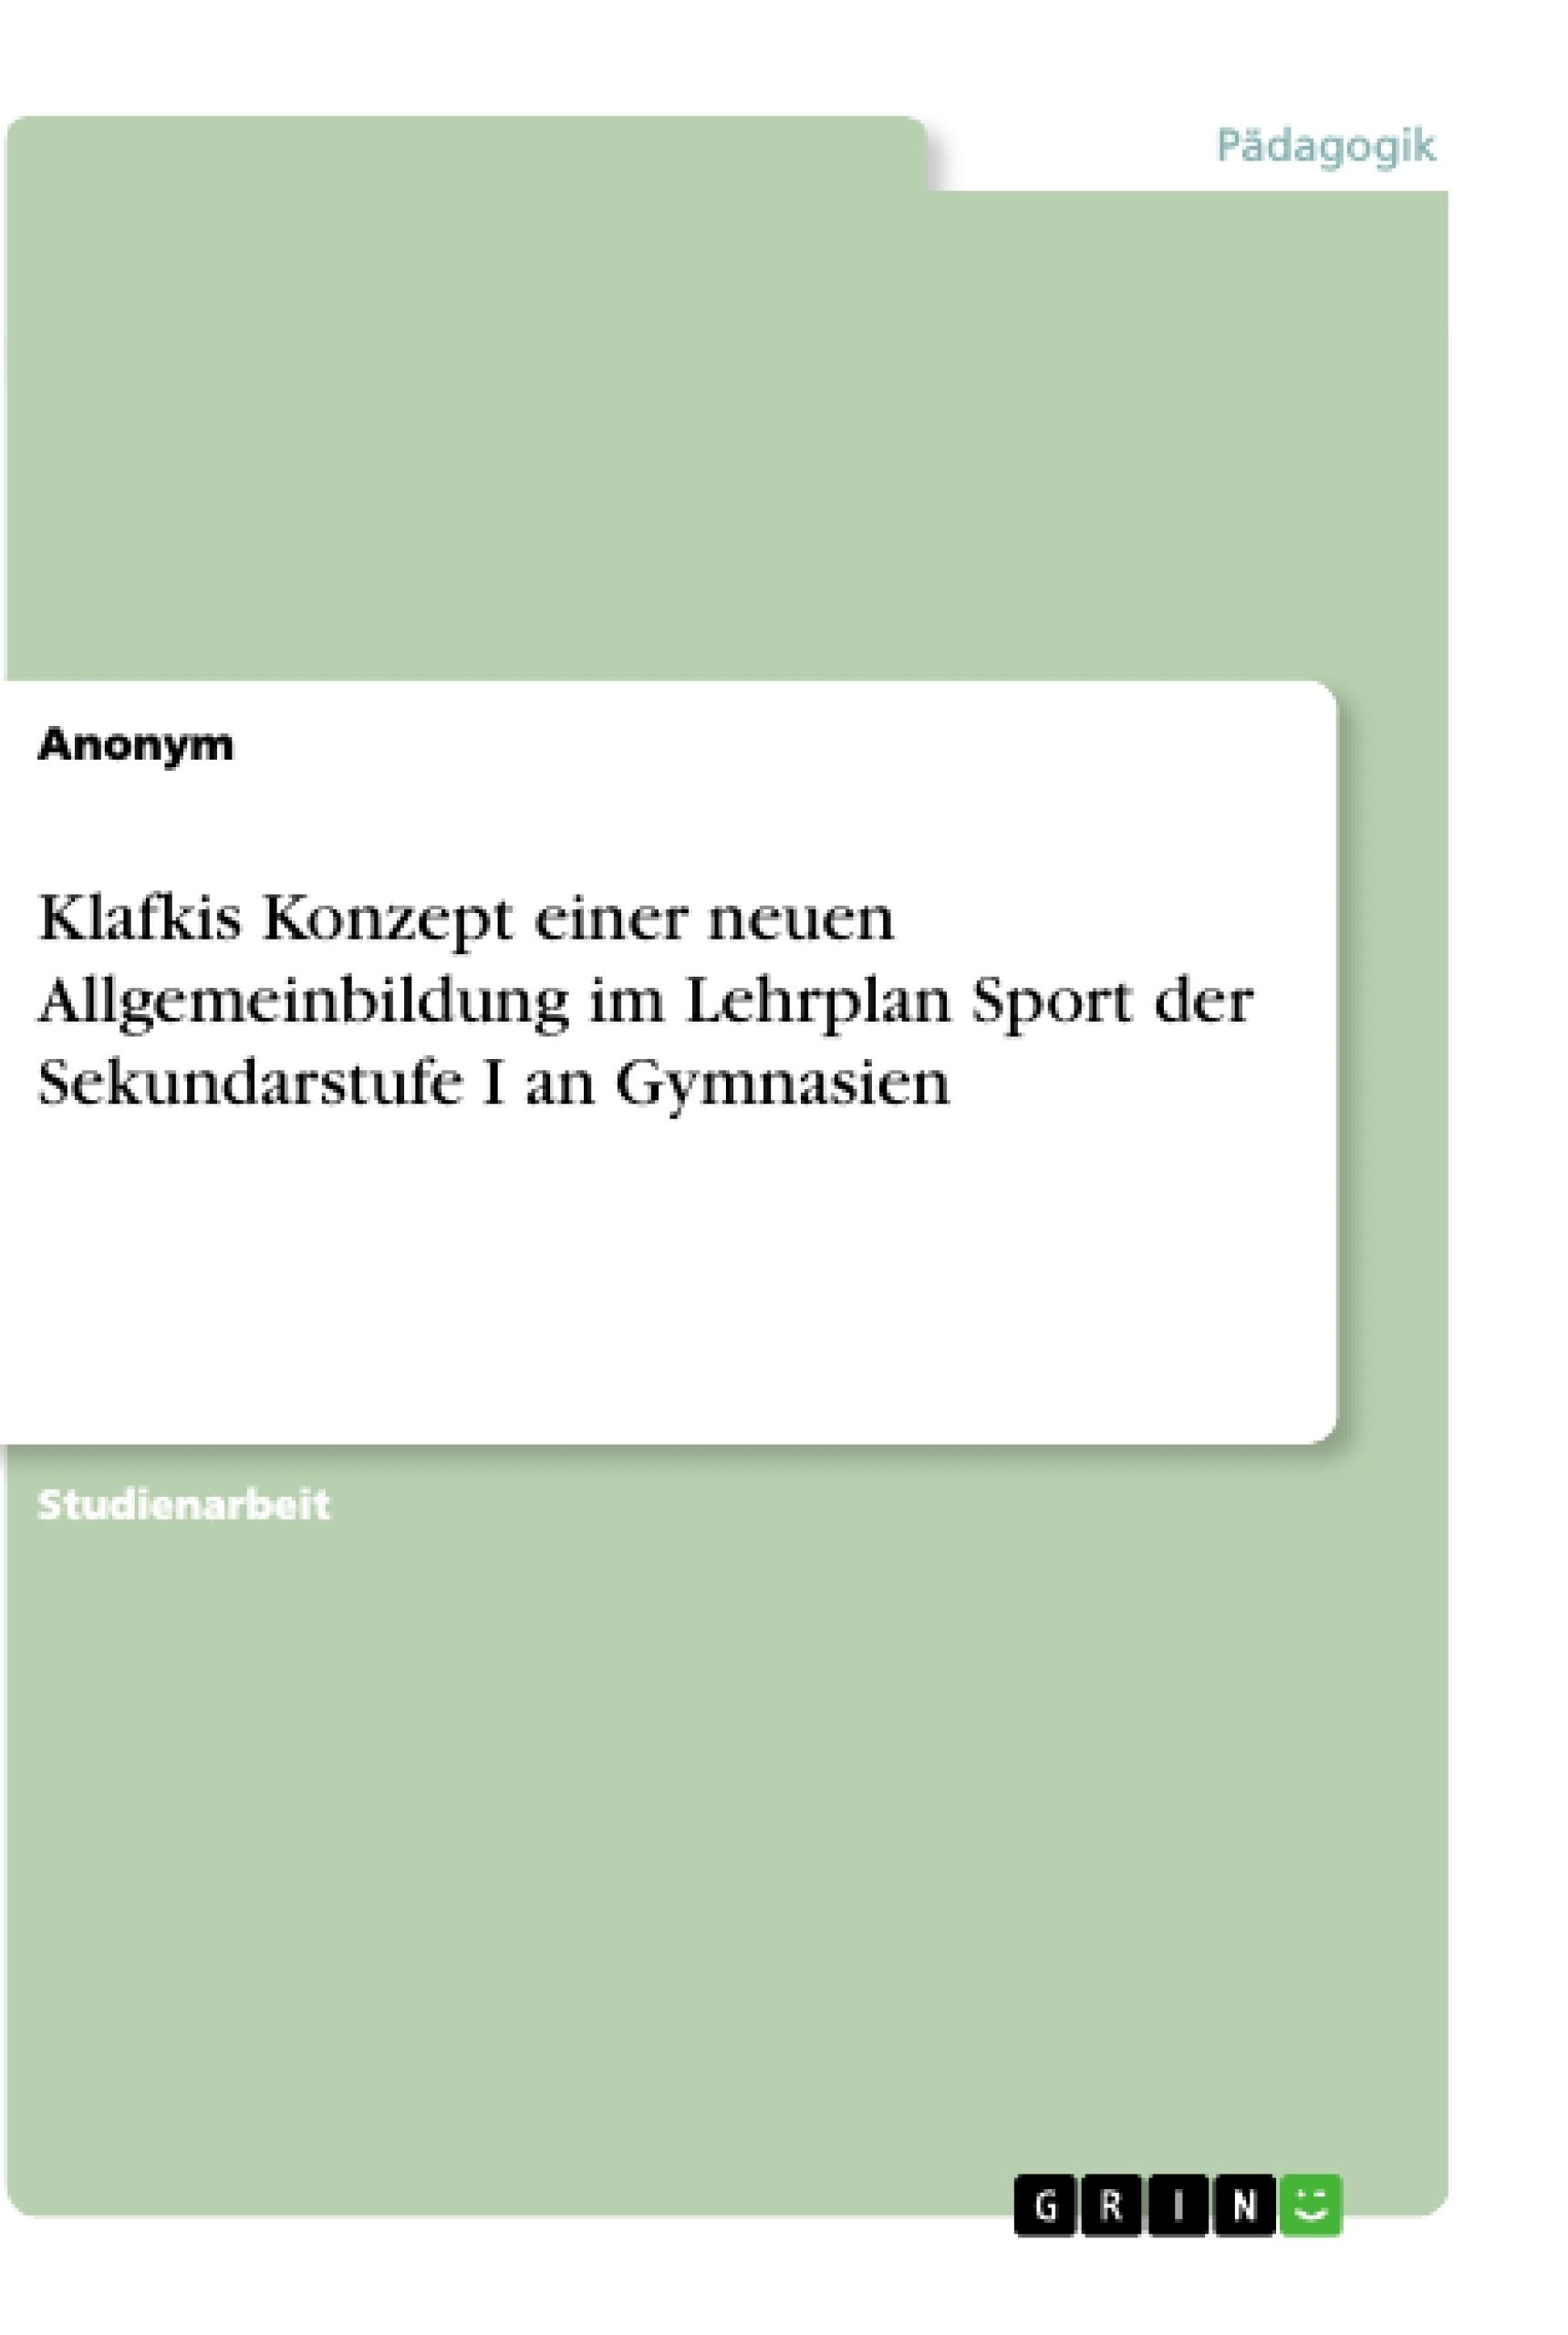 Titel: Klafkis Konzept einer neuen Allgemeinbildung im Lehrplan Sport der Sekundarstufe I an Gymnasien